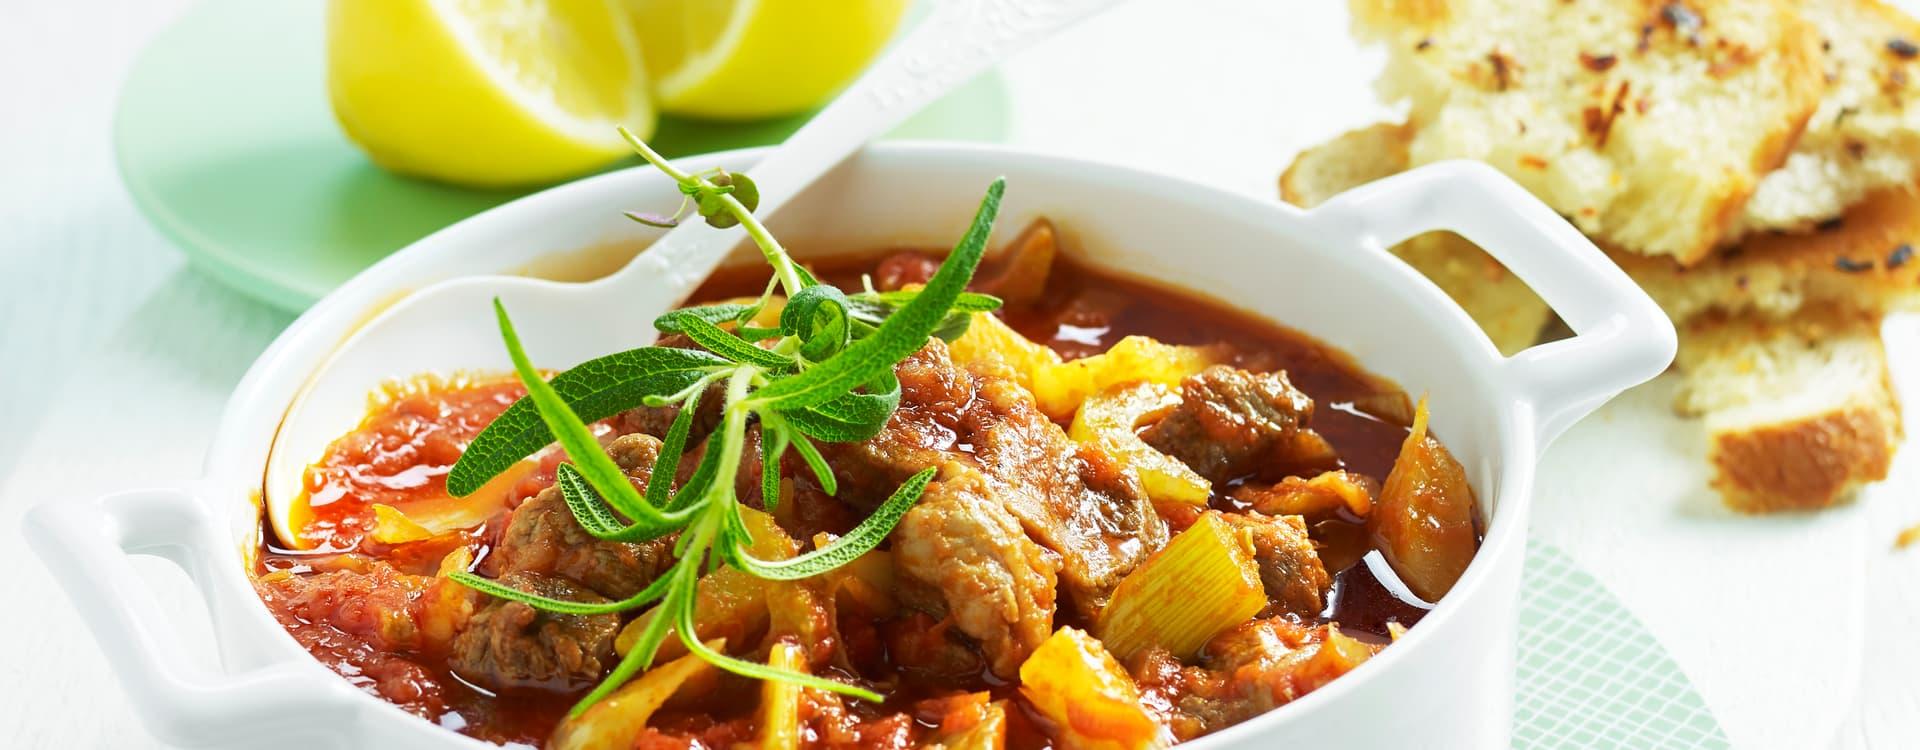 Rask hverdagsgryte med nakkefilet, tomat, stangselleri og hvitløksbrød